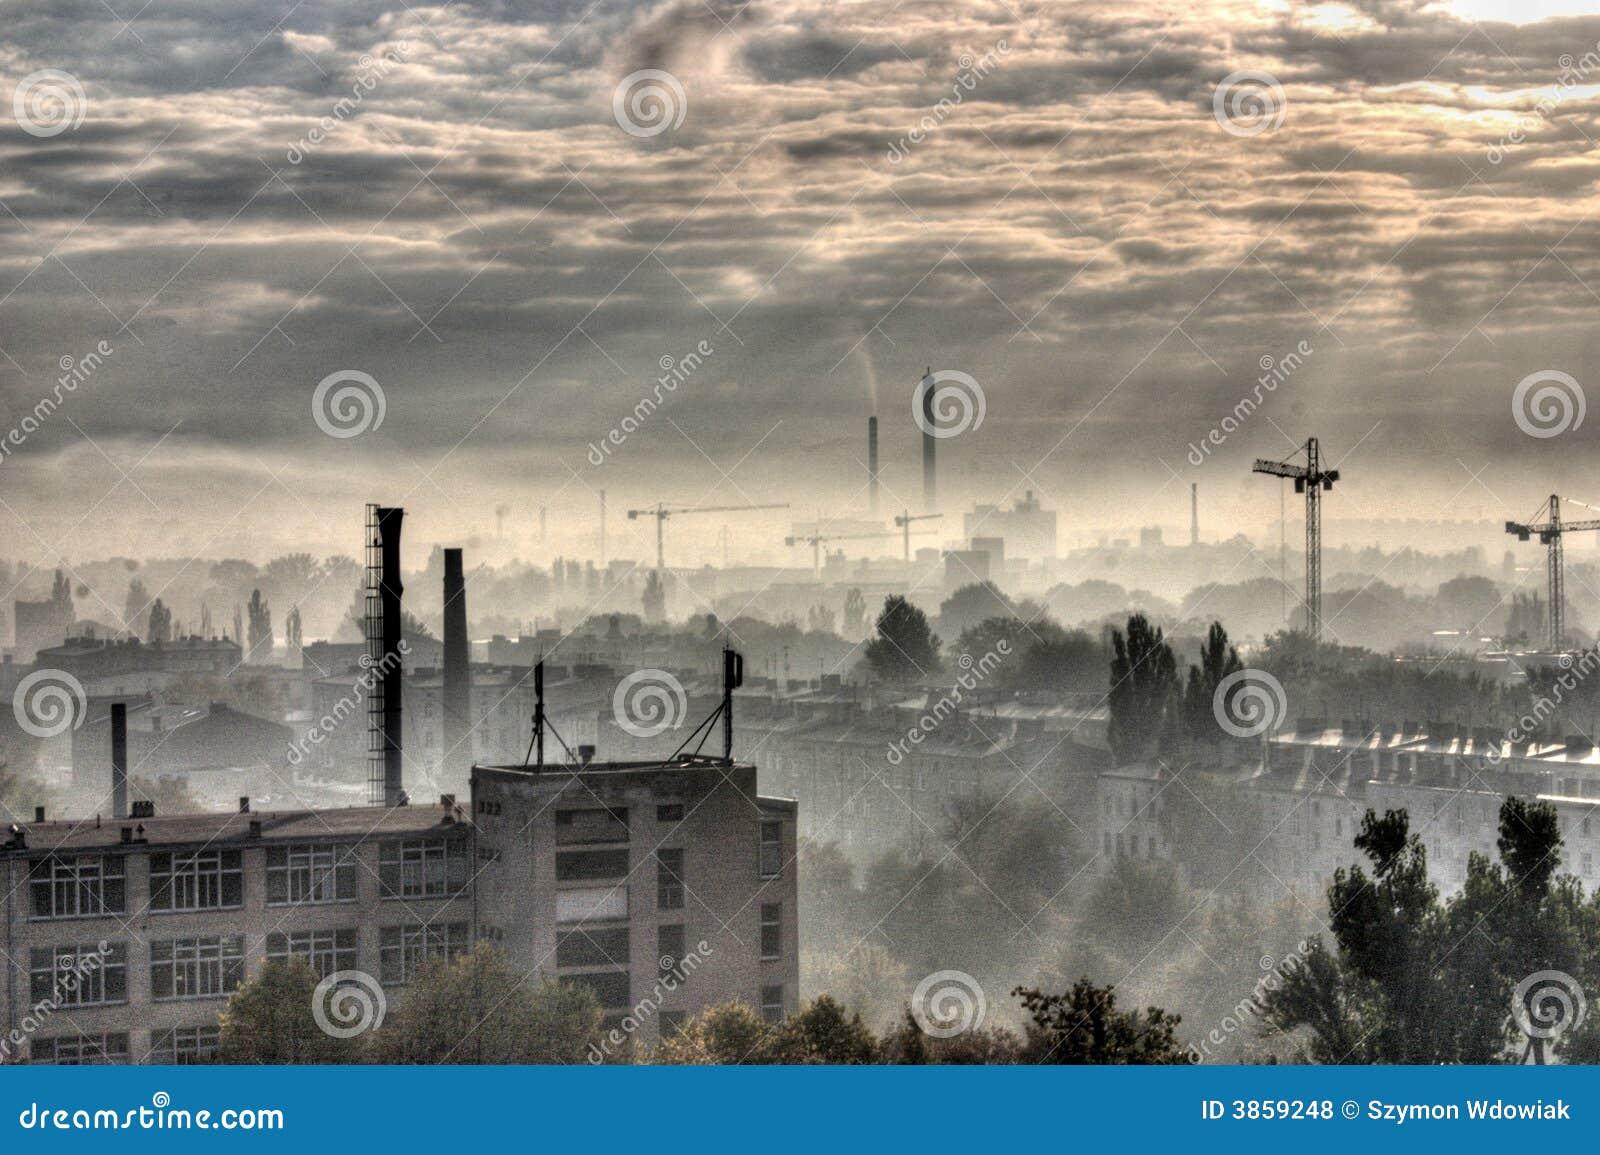 Città industriale - Moonscape